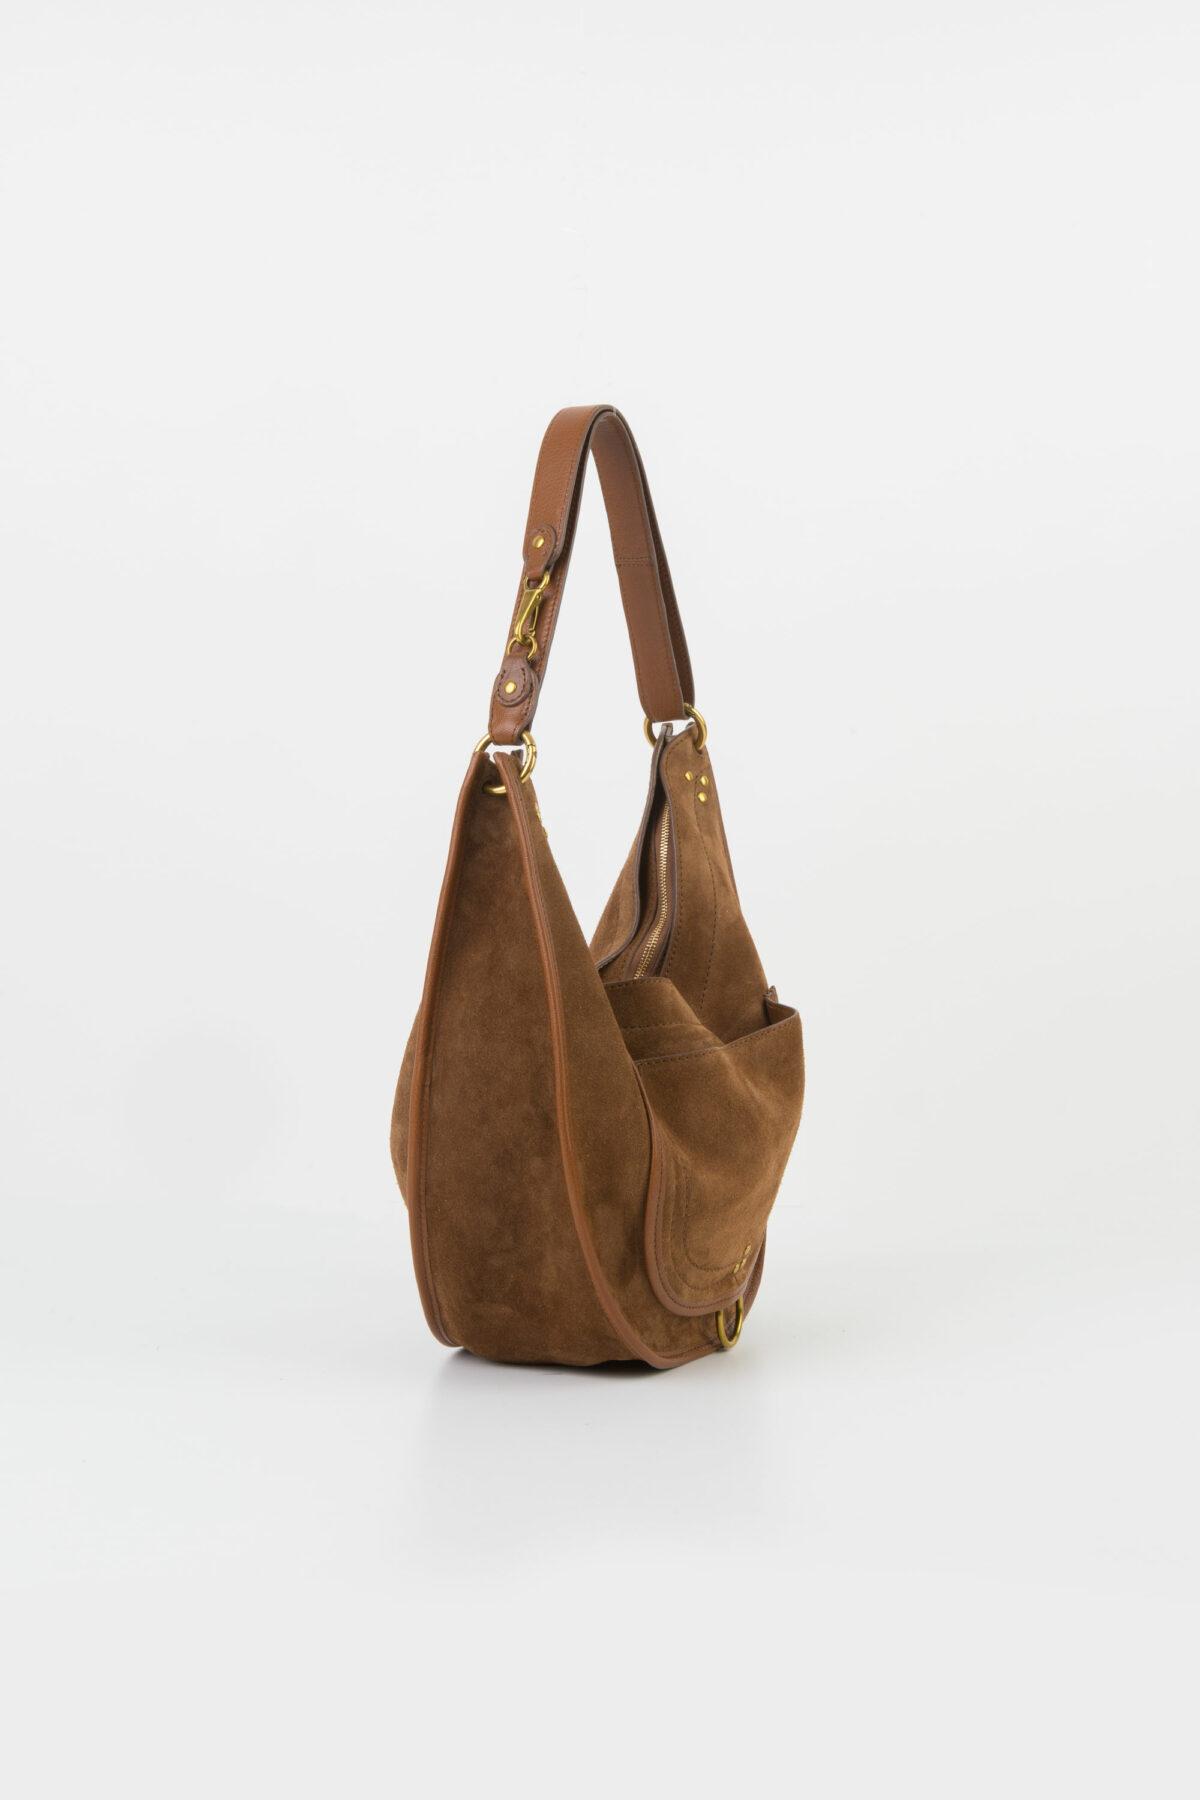 edgar-m-bag-tabac-leather-jerome-dreyfuss-matchboxathens